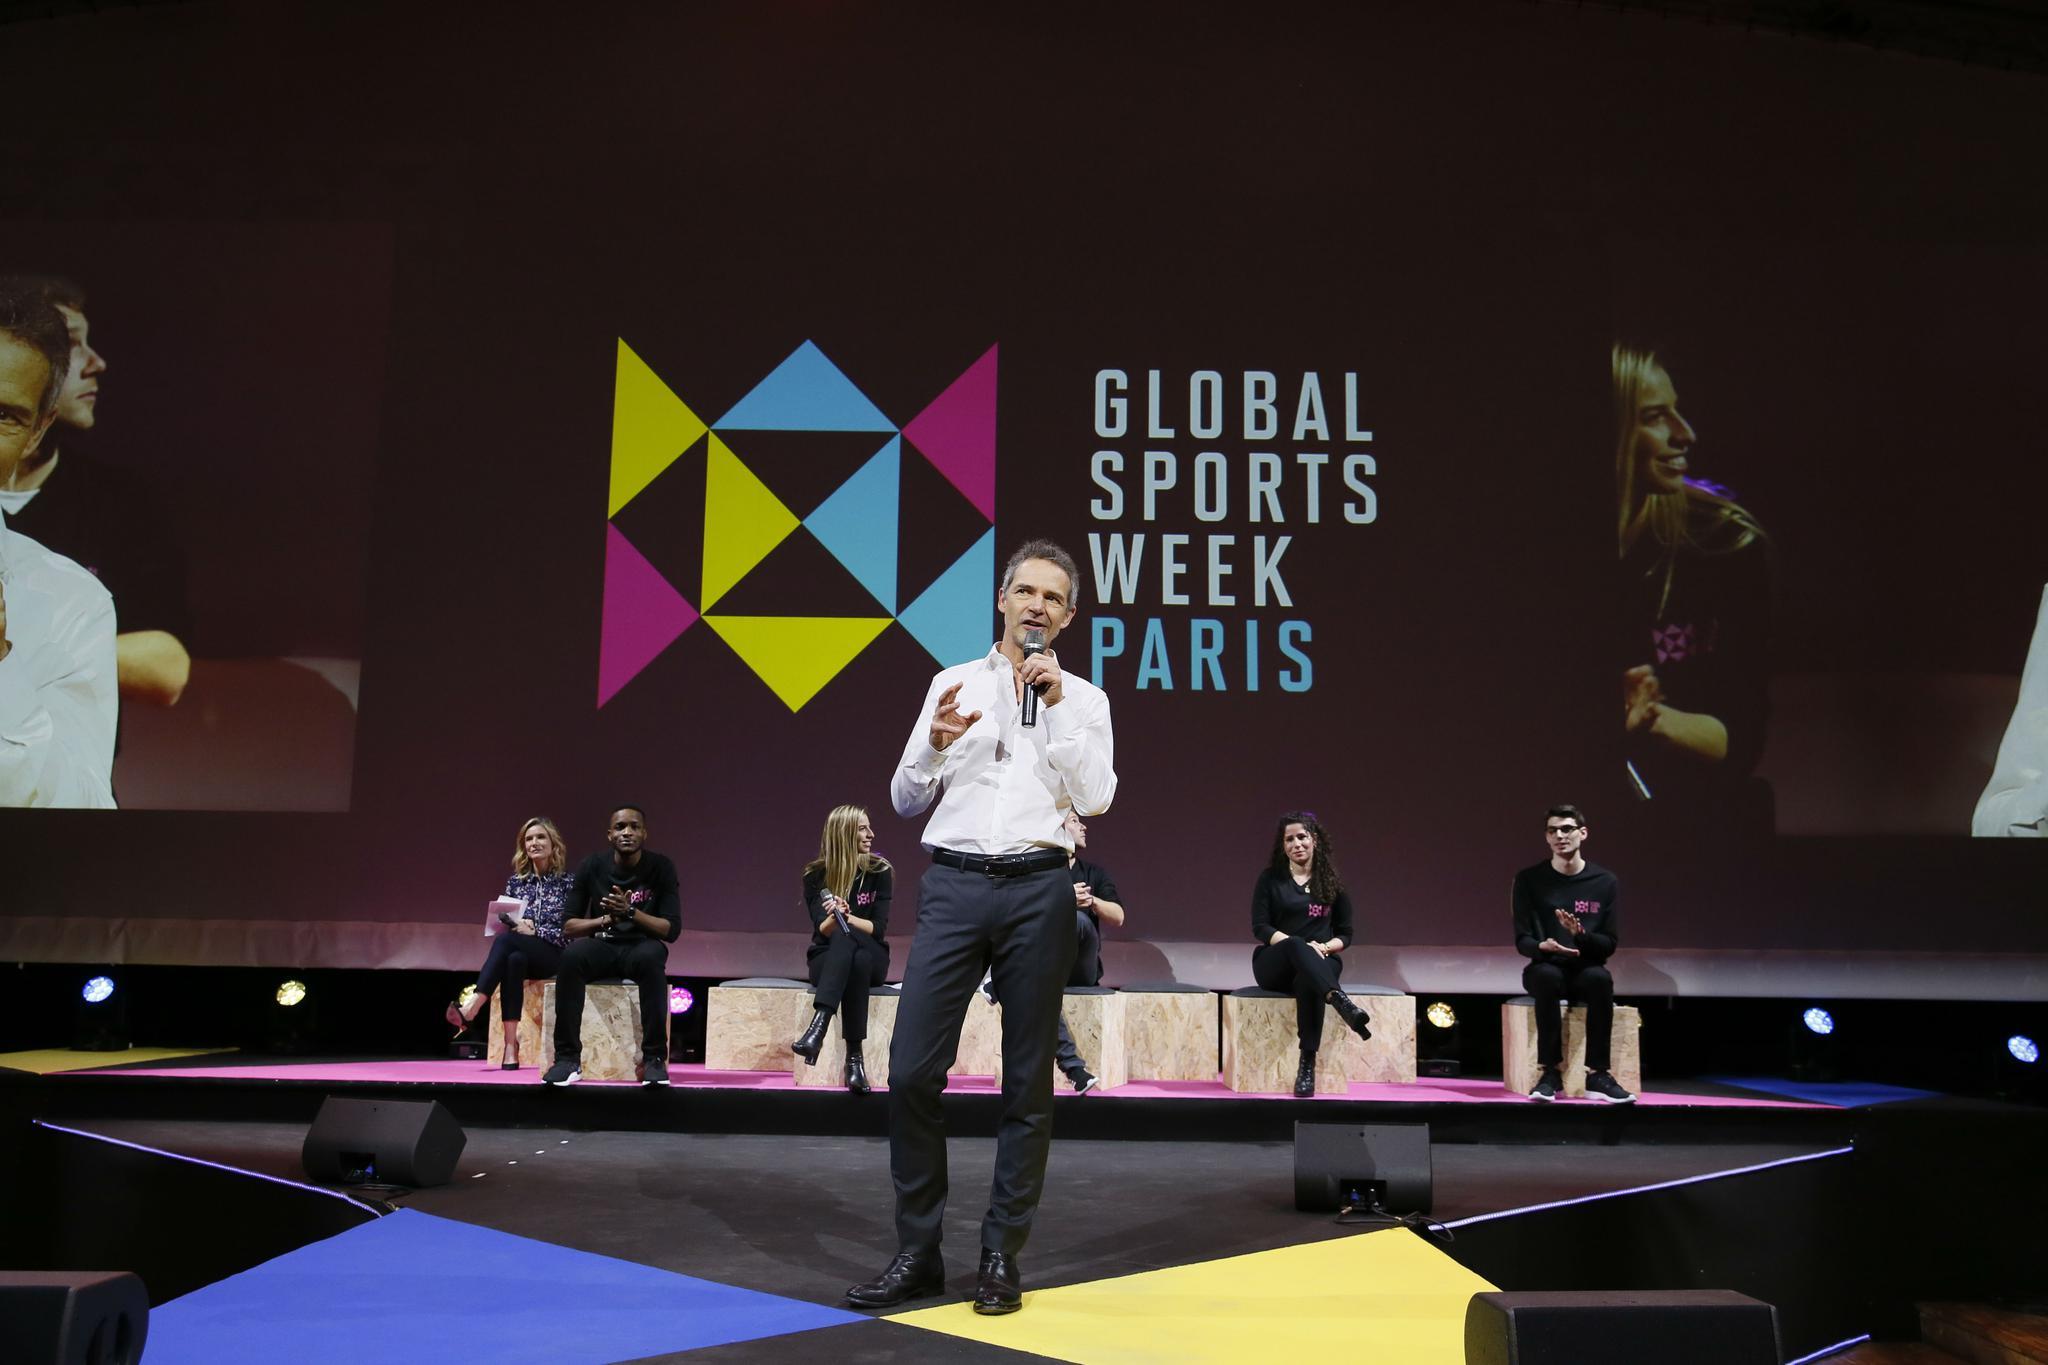 专访世界体育周主席Lucien Boyer——以独一无二的峰会引领体育产业的重塑大业